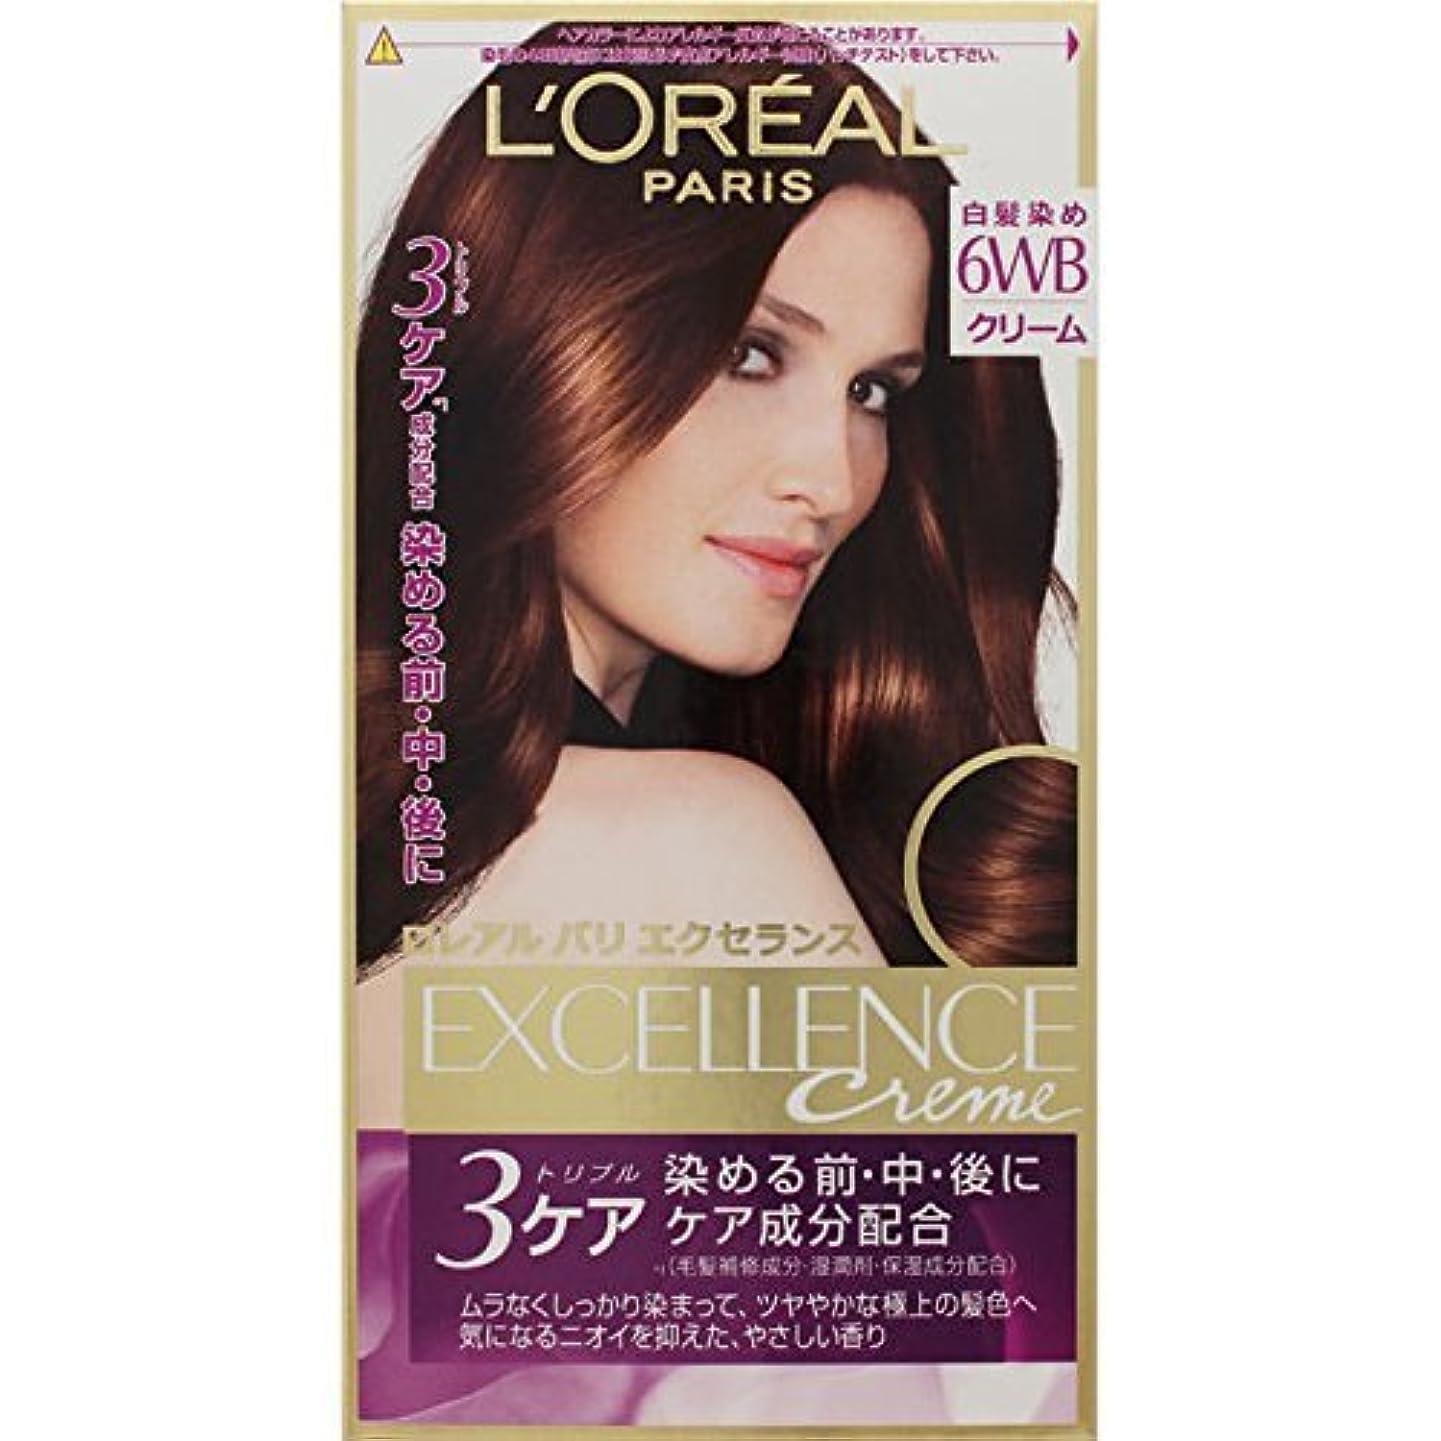 忙しい加入入場料ロレアル パリ ヘアカラー 白髪染め エクセランス N クリームタイプ 6WB ウォーム系のやや明るい栗色